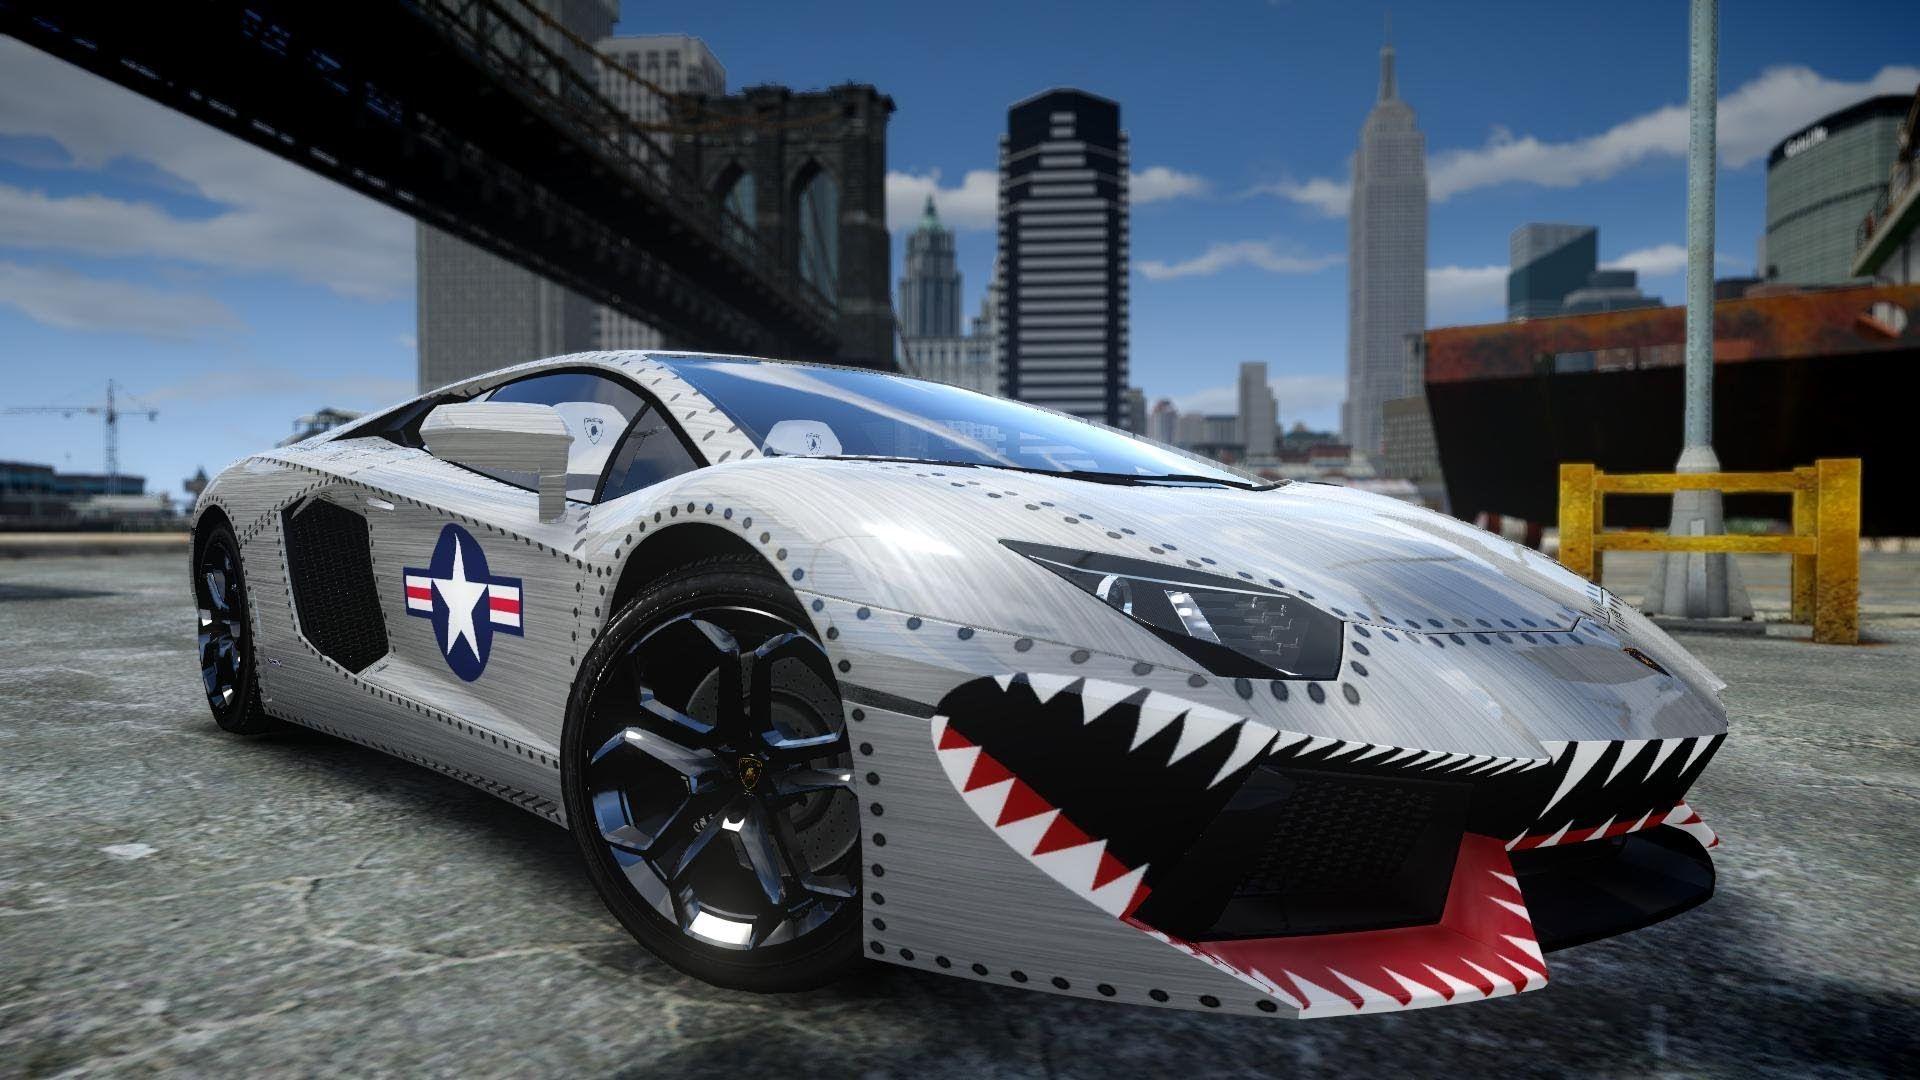 Lamborghini Shark Army 😍💯💪 Musclecars Lambofans